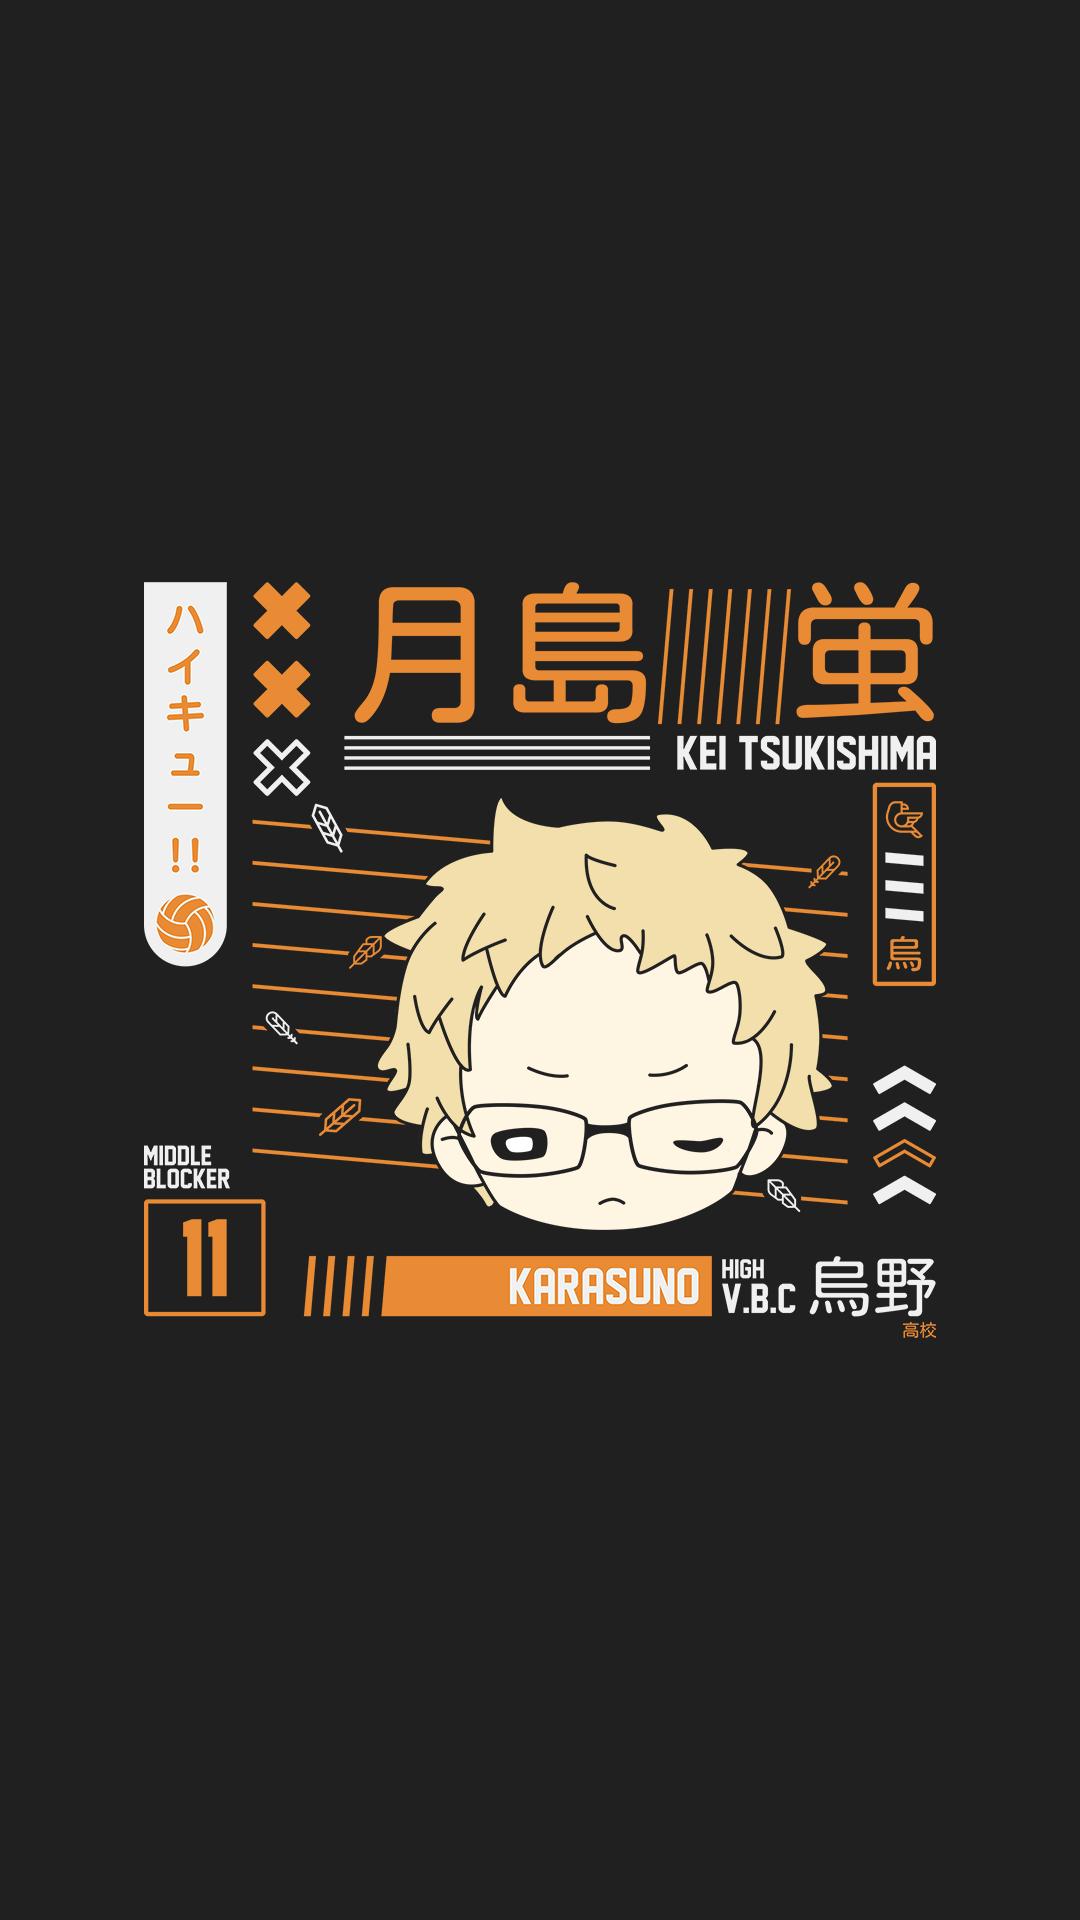 Kei Tsukishima Wallpaper Karasuno In 2020 Haikyuu Karasuno Haikyuu Tsukishima Haikyuu